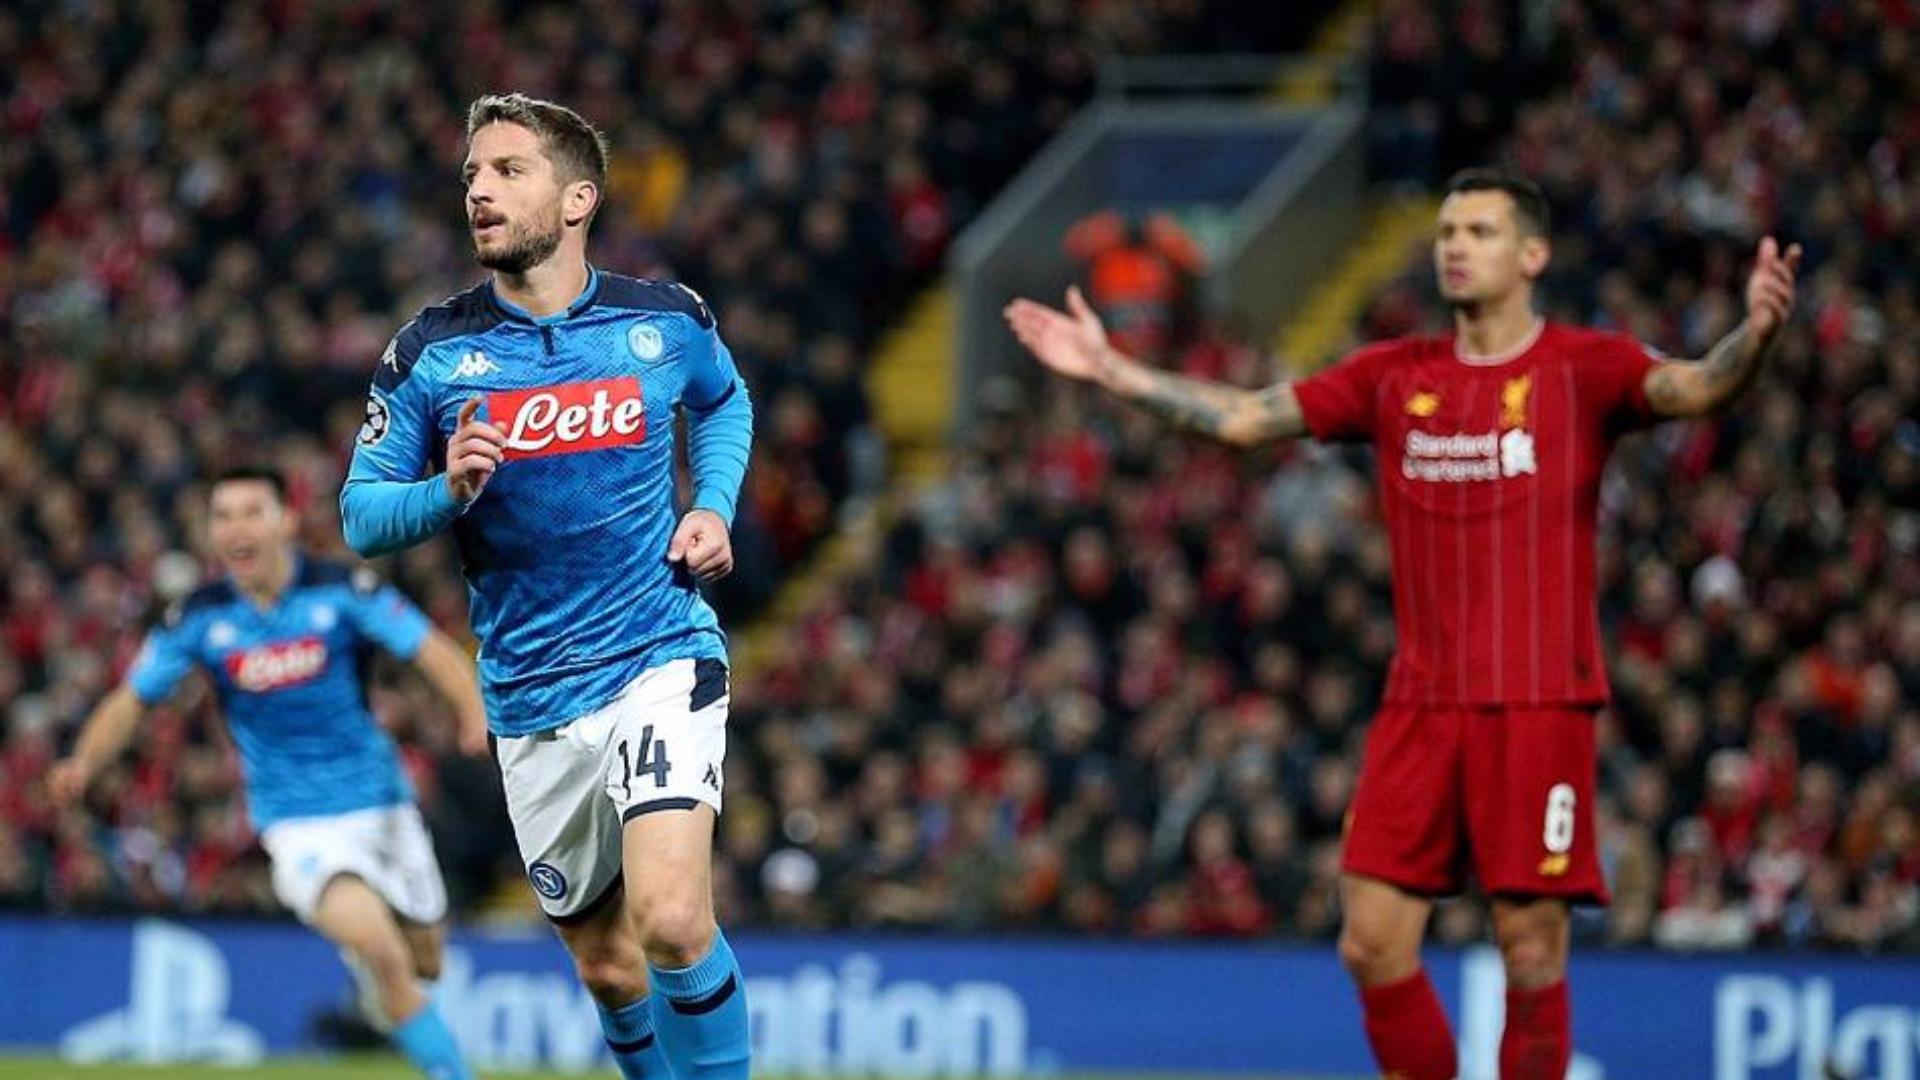 2019-2020赛季欧冠小组赛第5轮 利物浦vs那不勒斯 全场集锦